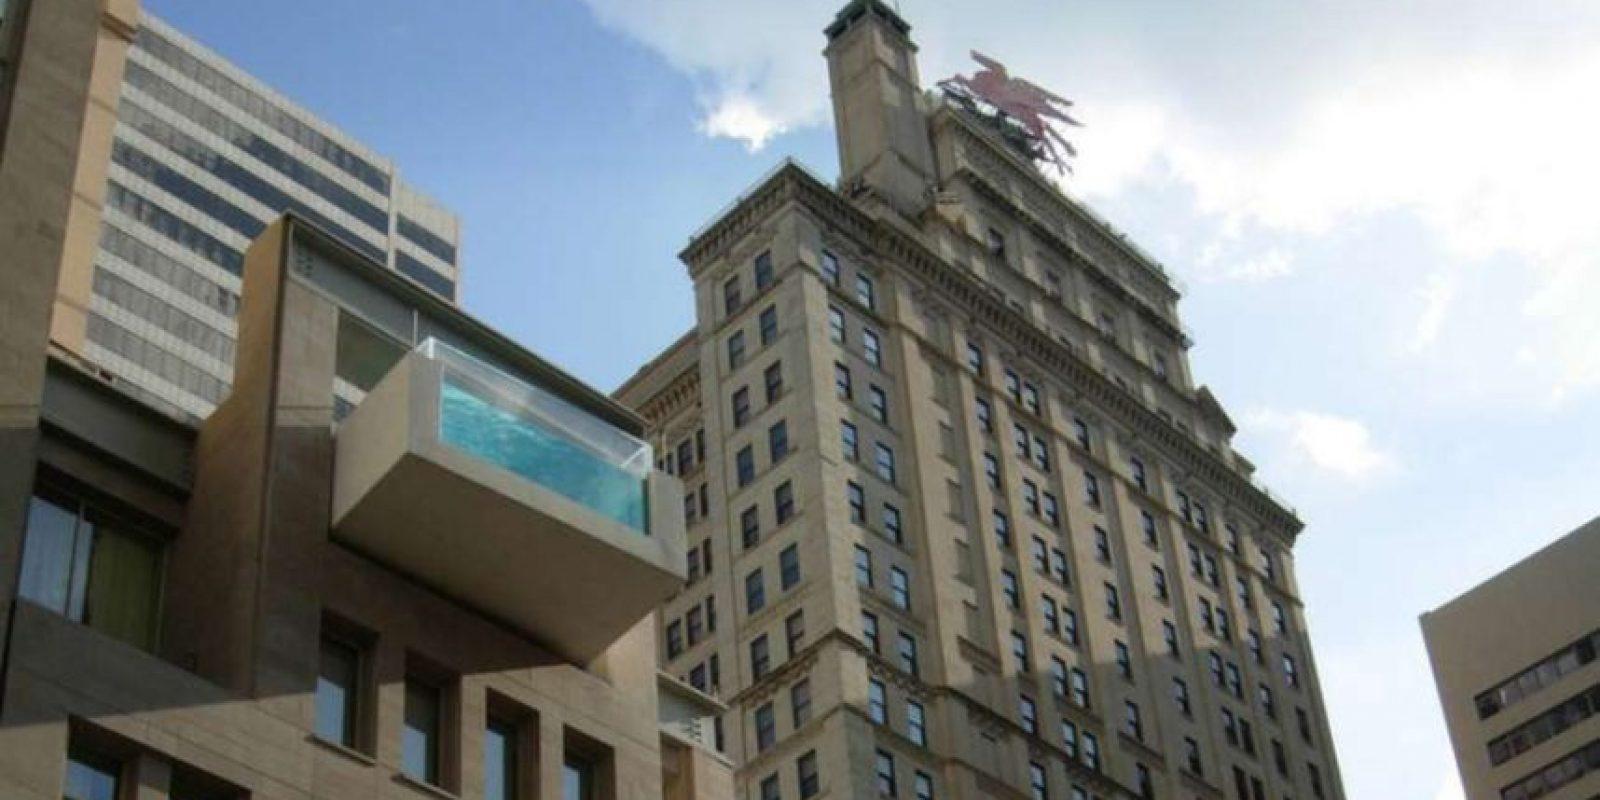 Este edificio se encuentra en Dallas, Texas, y se llama The Joule. Cuenta con una piscina en su azotea que excede los límites del la estructura. Foto:Wikicommons